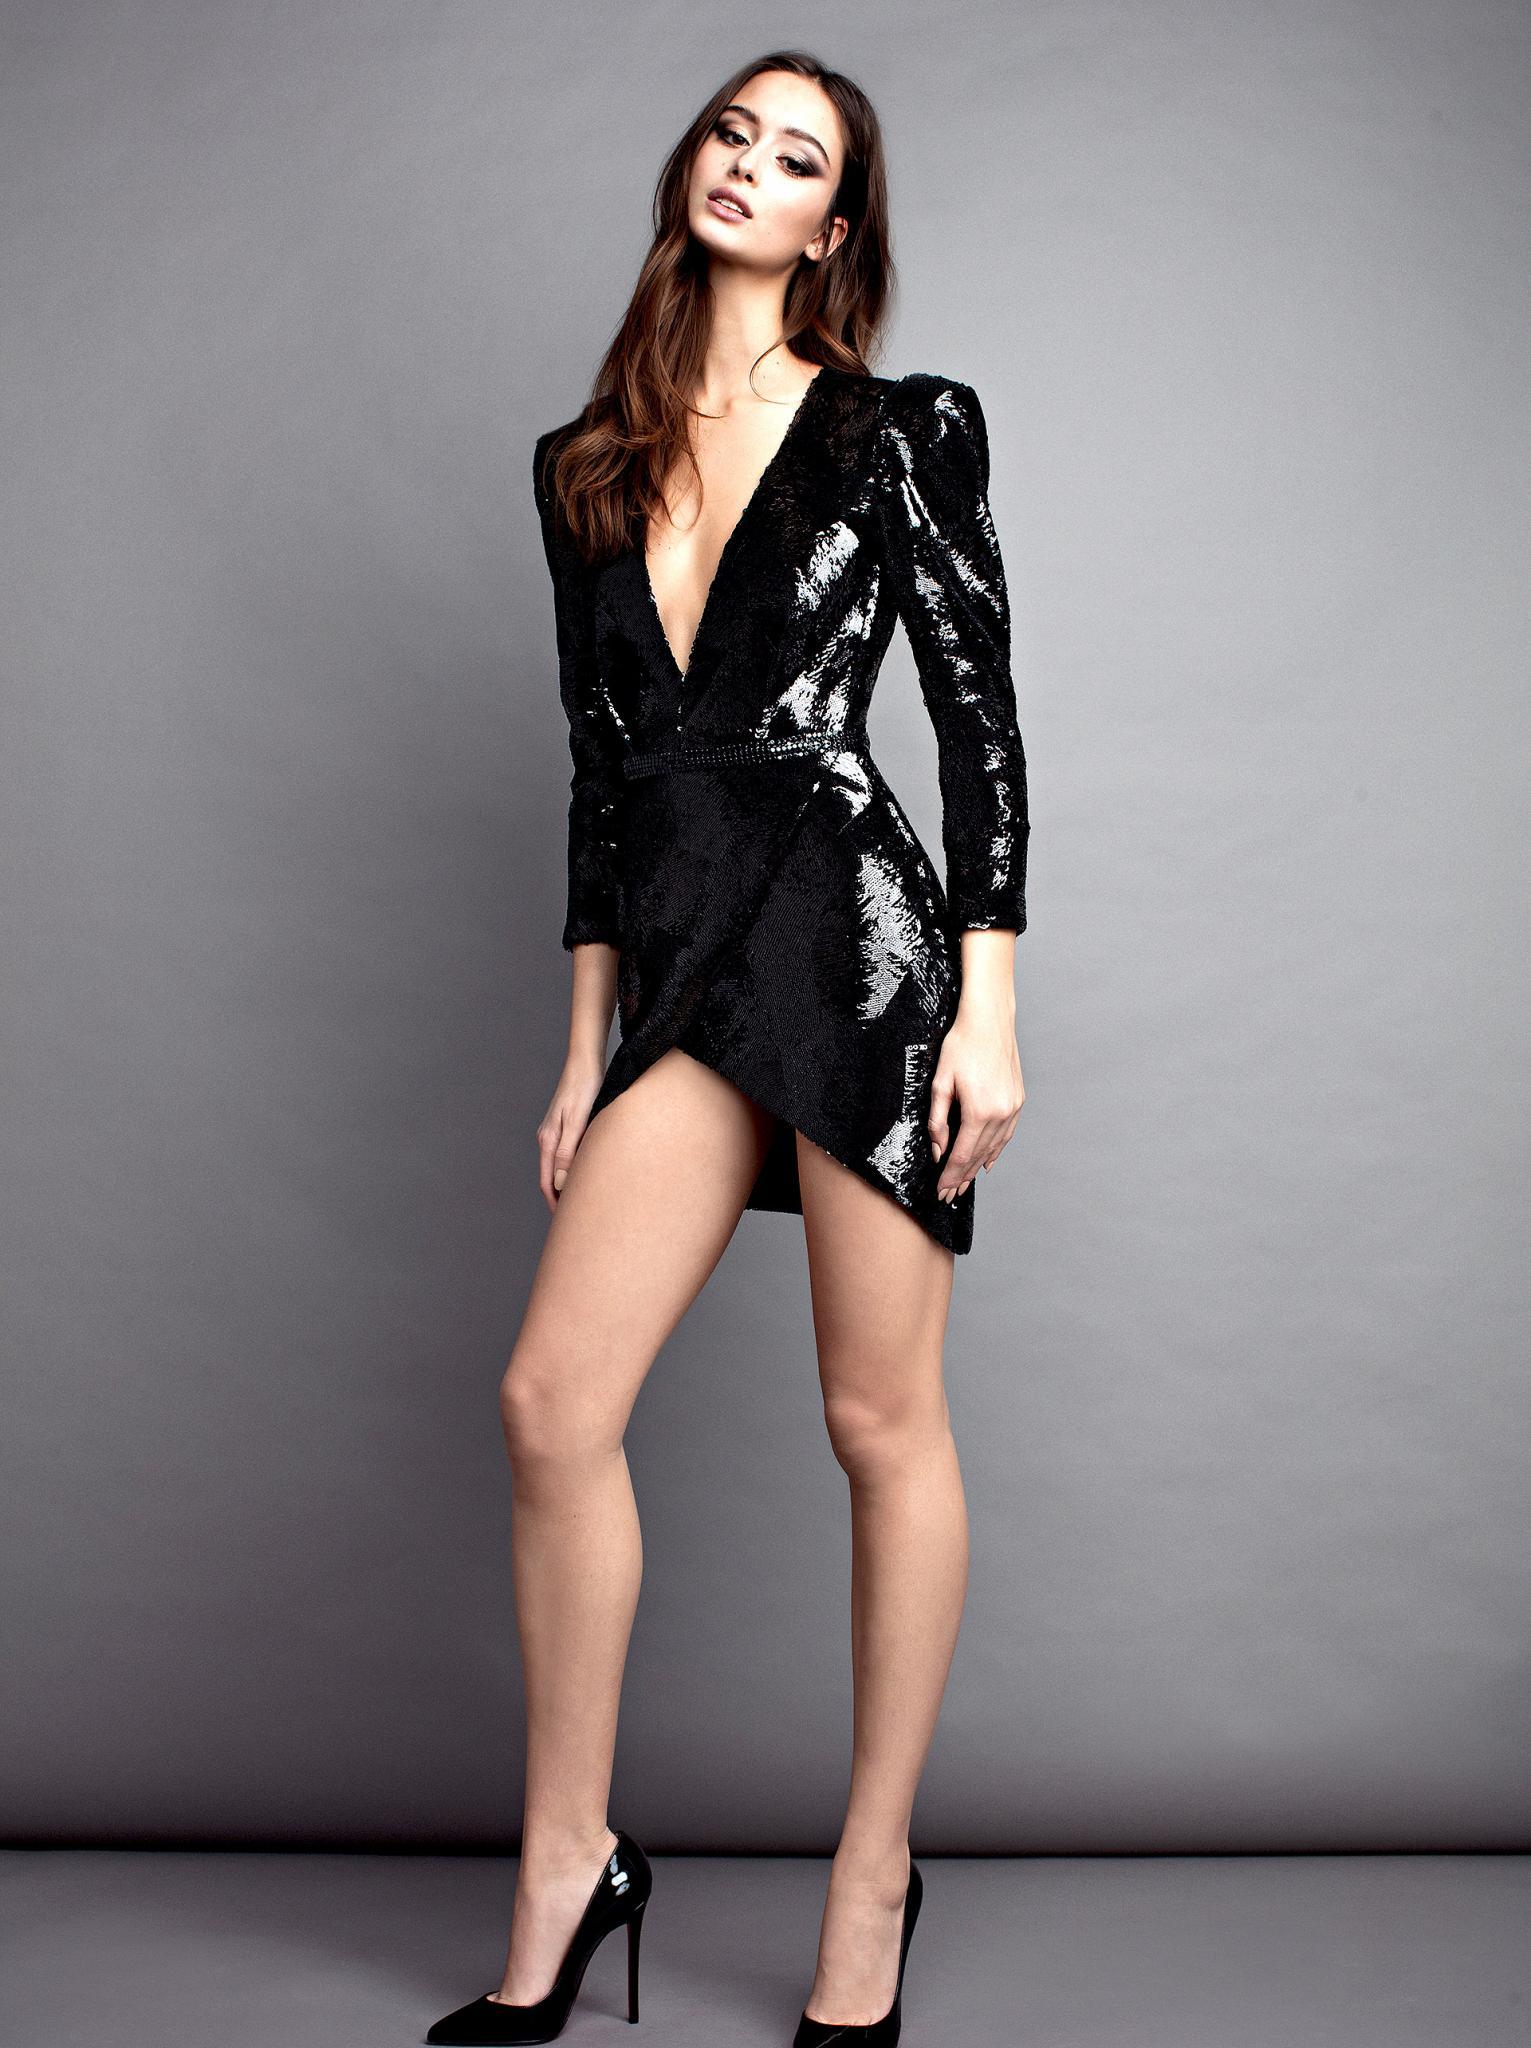 cameltoe Photos Elvira naked photo 2017